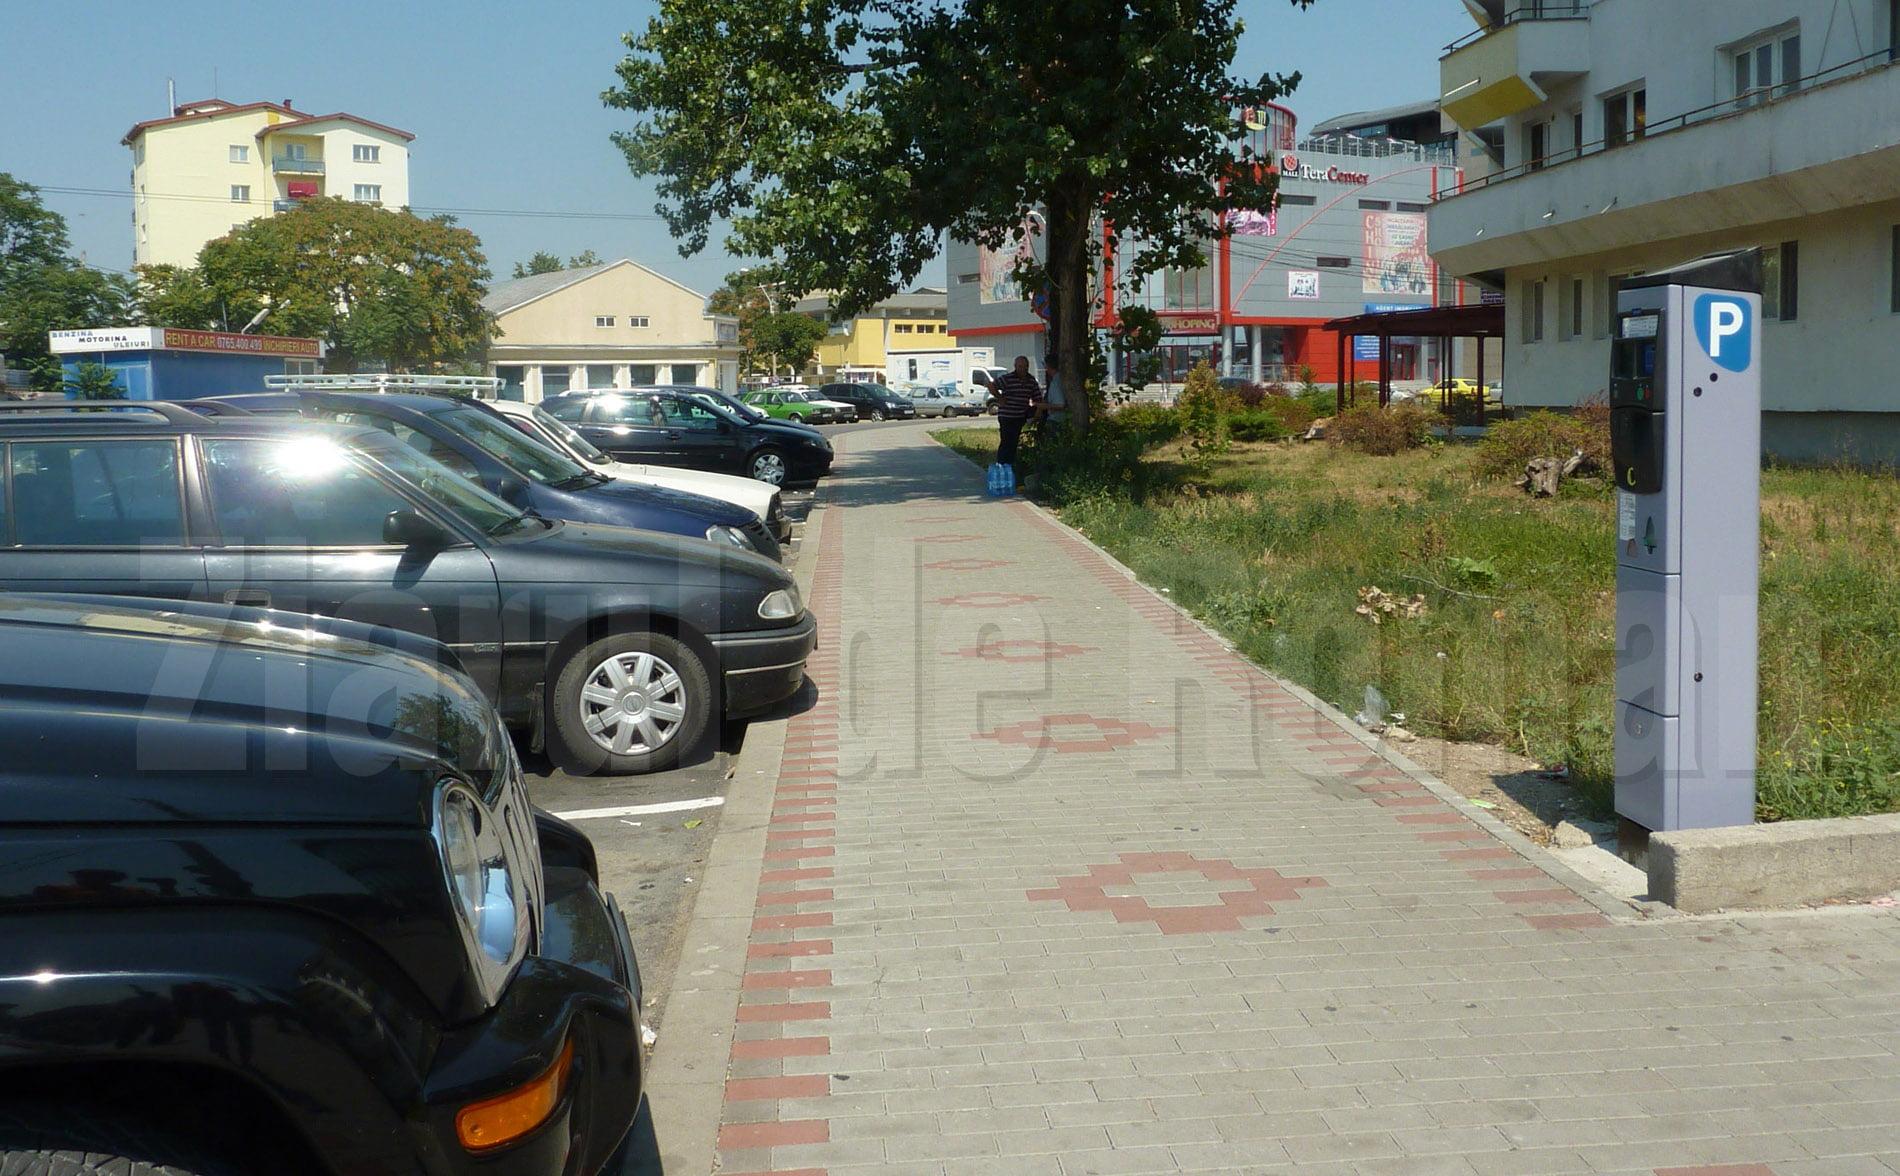 Se introduce plata parcărilor prin SMS, însă tariful este mai mare decât la parcometre